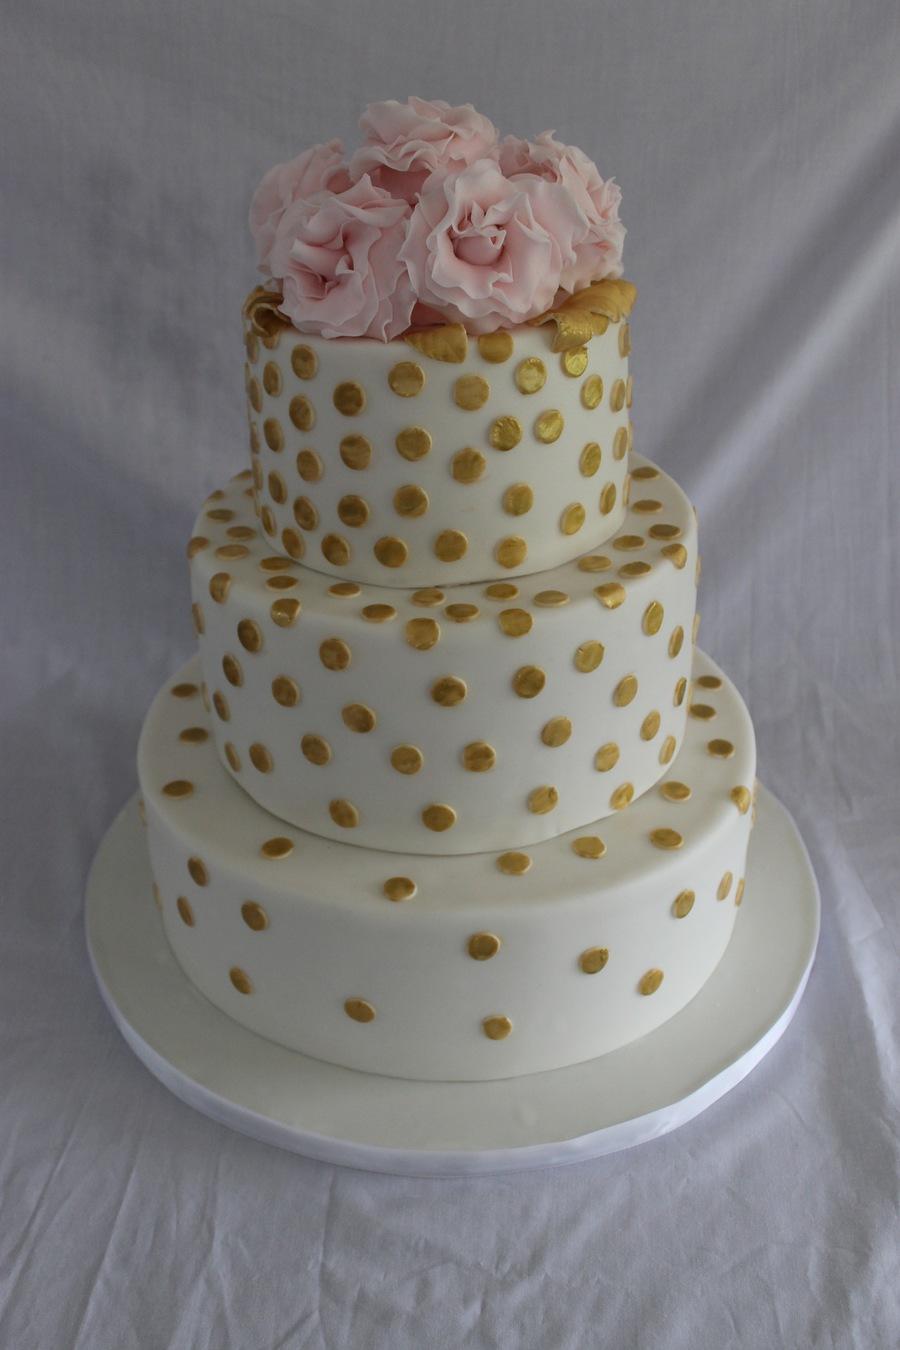 mVVJCFSjxJ-gold-polka-dot-wedding-cake_900.jpg